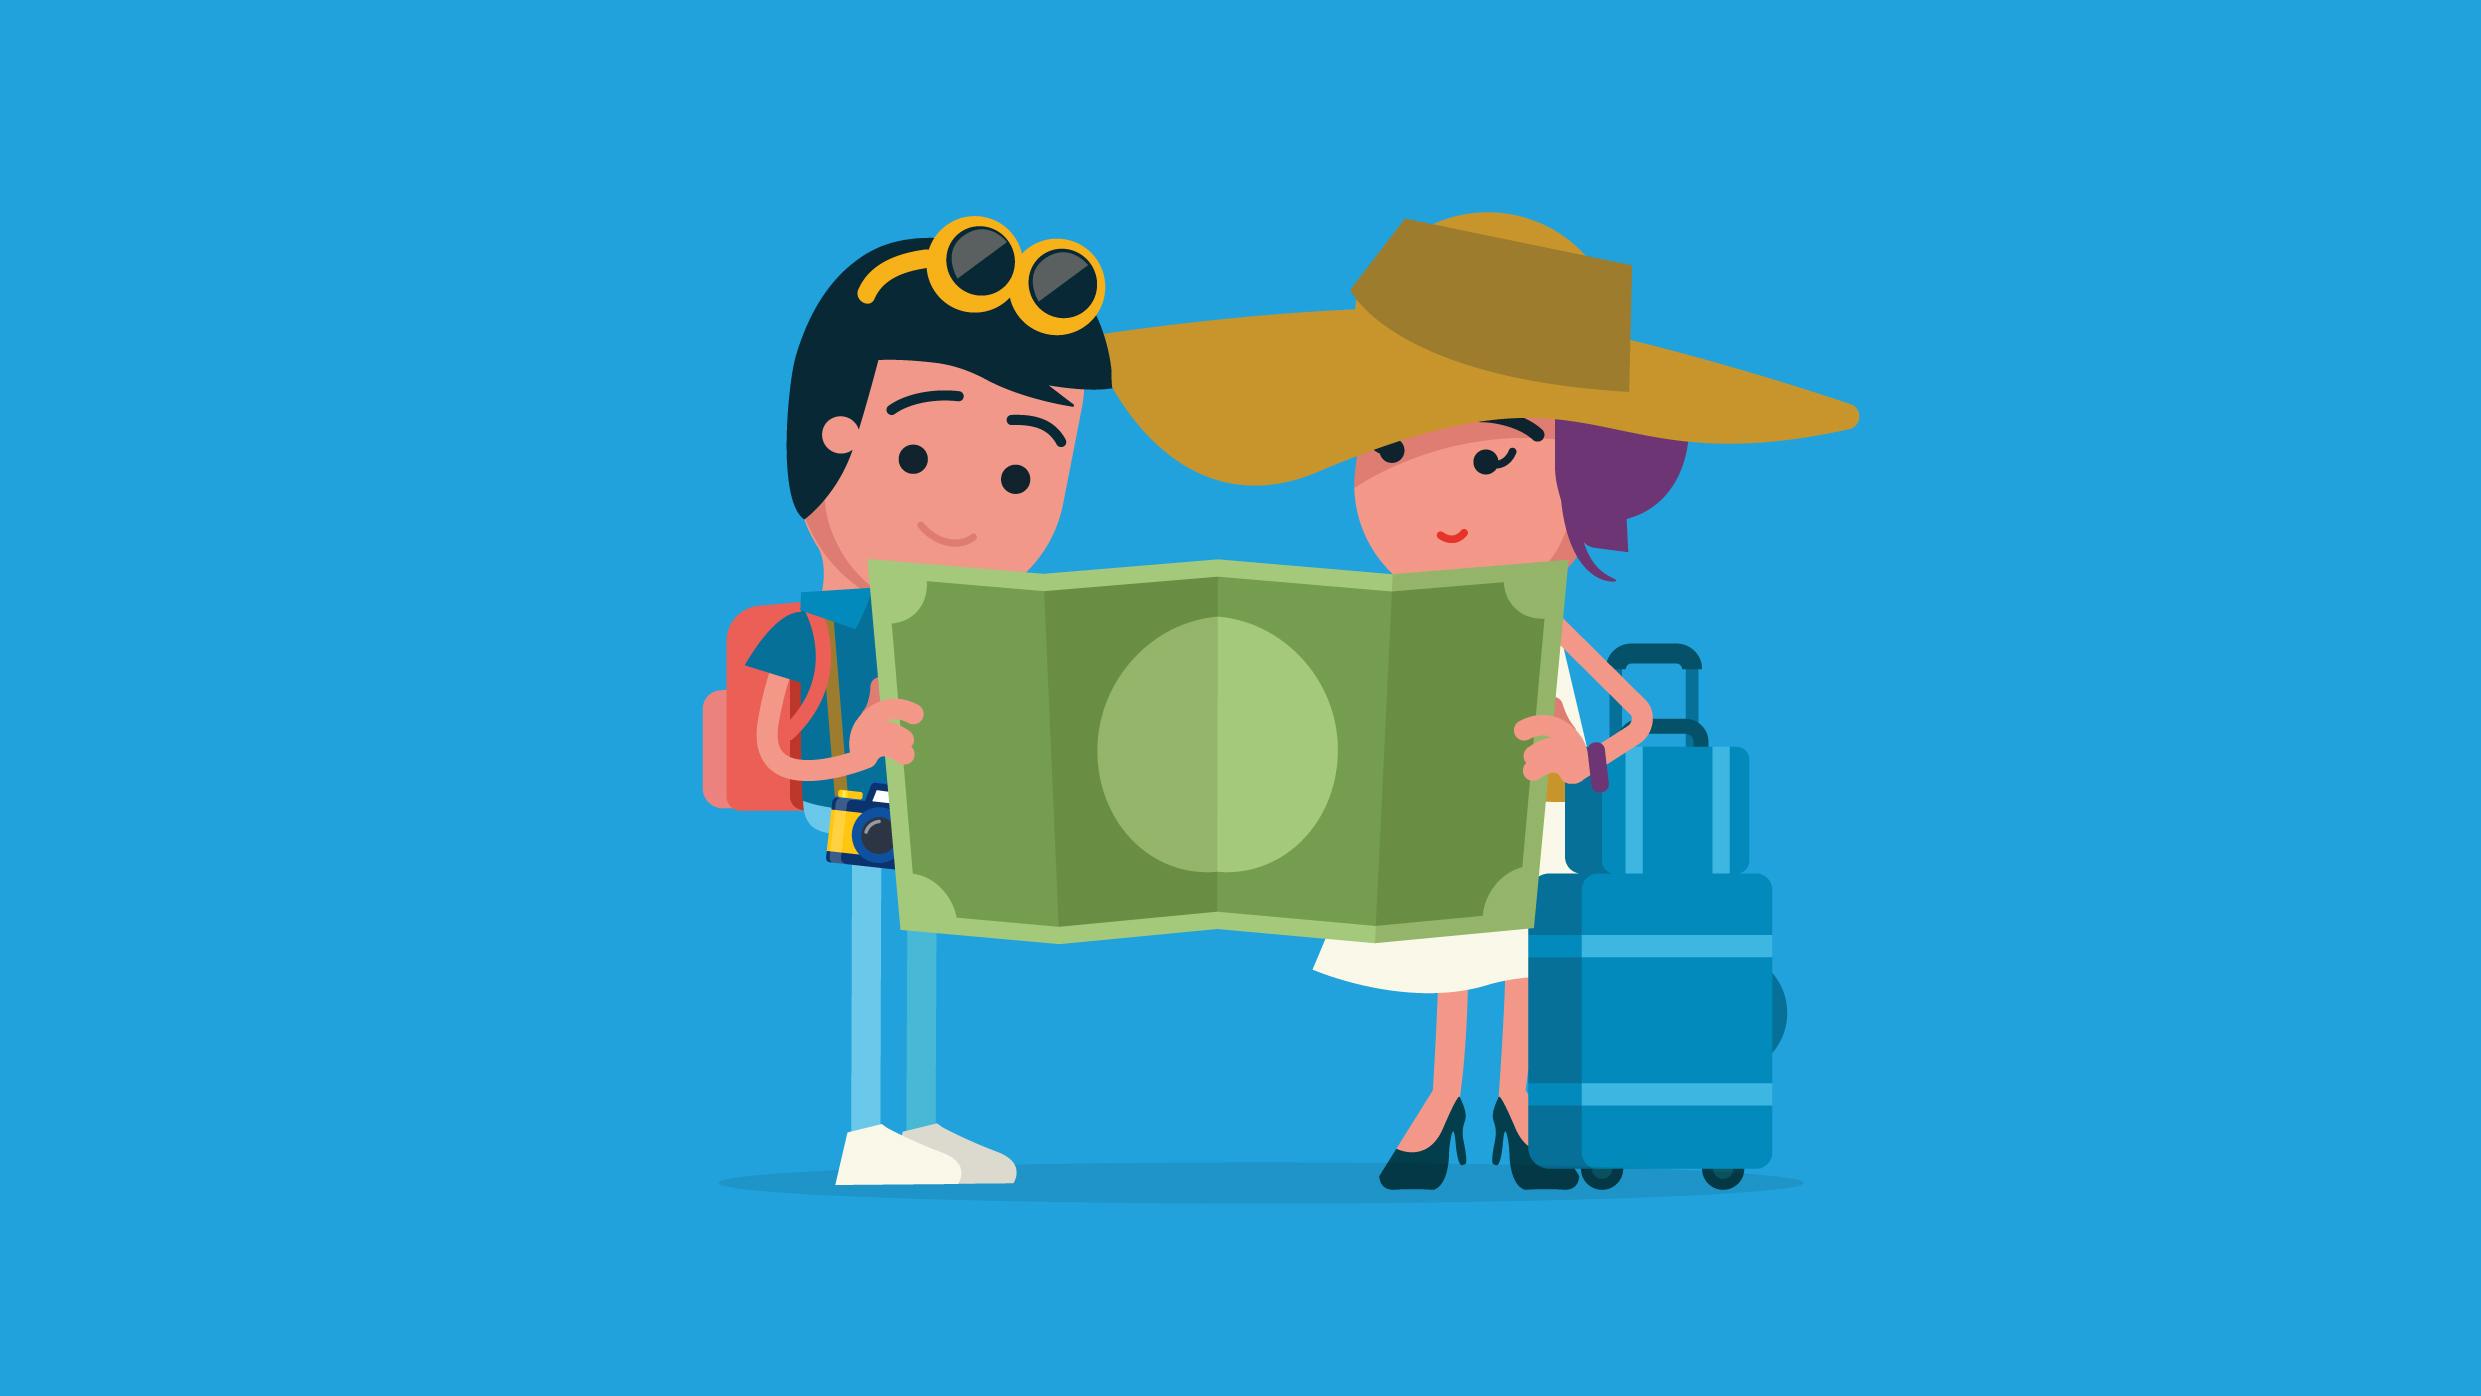 Pinjam Uang Online Cepat Semua Bisa Bersama Jenius